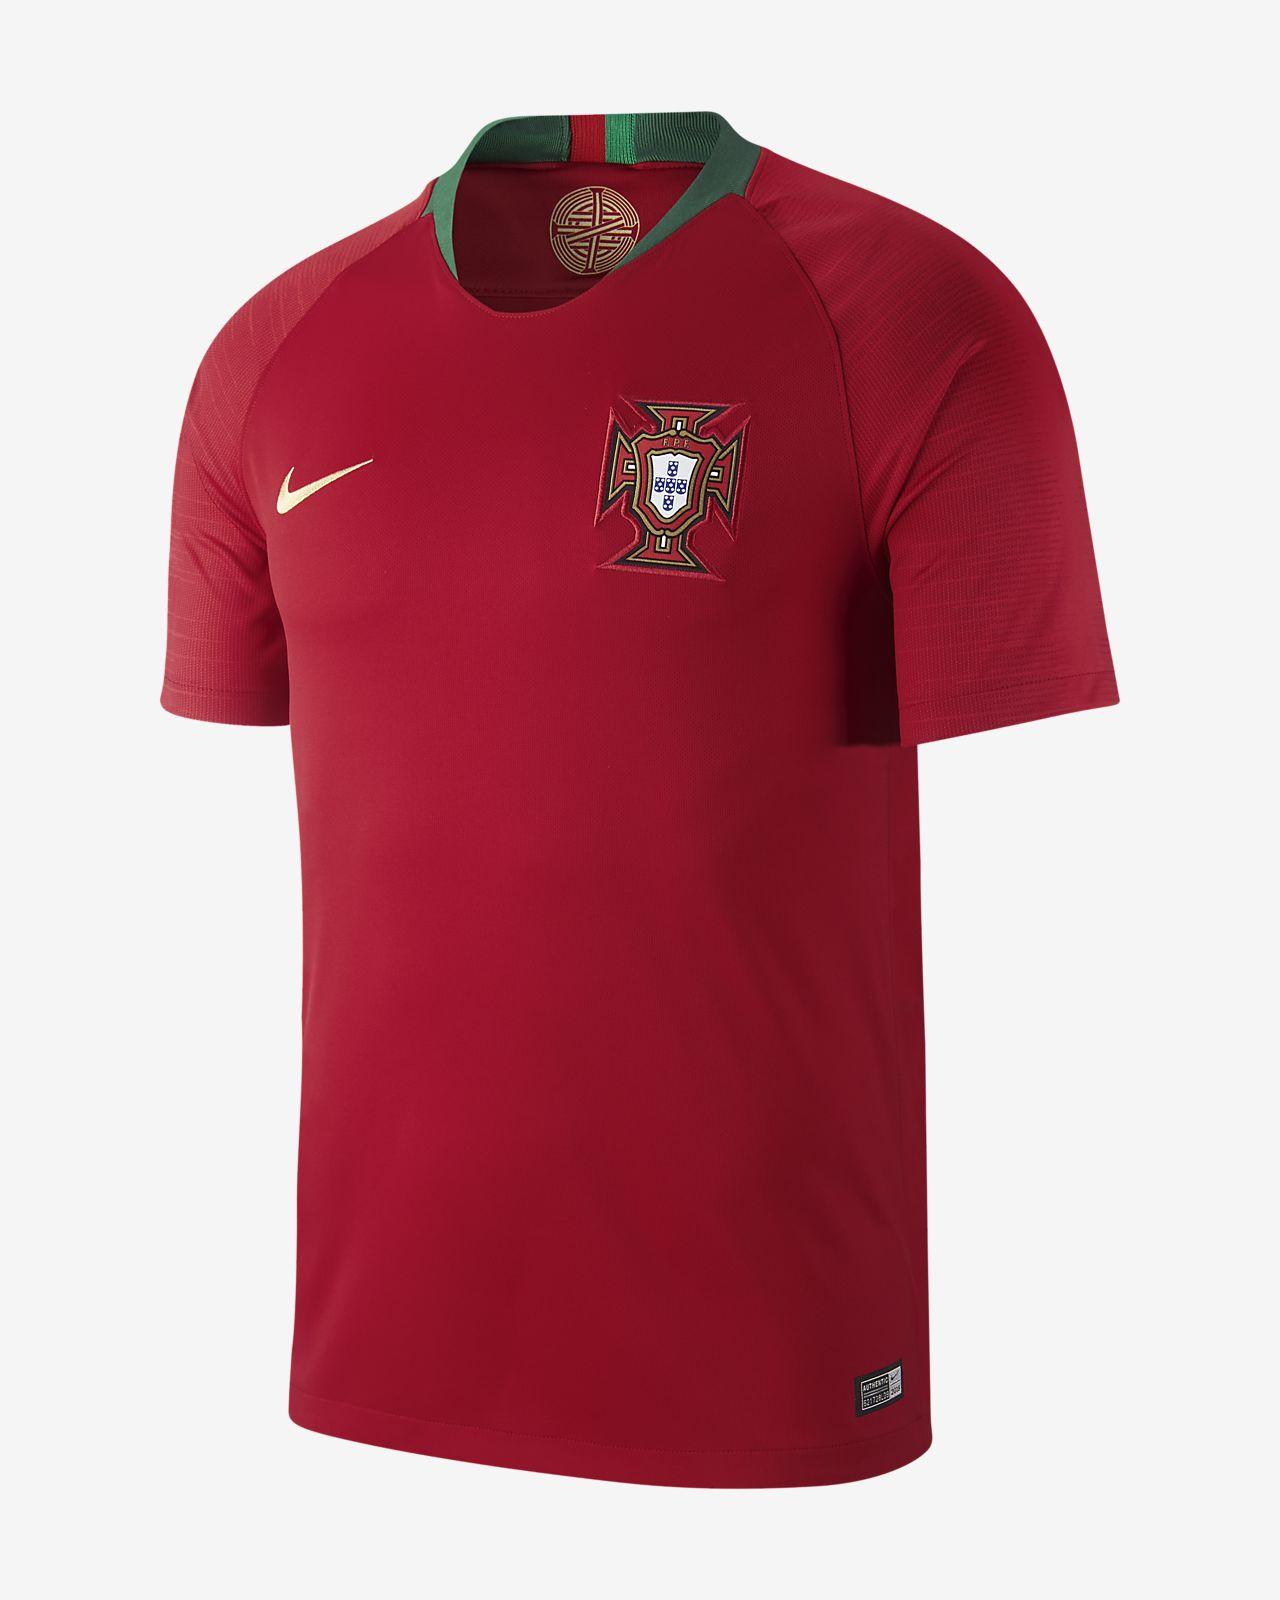 2018 ポルトガル スタジアム ホーム メンズ サッカージャージー